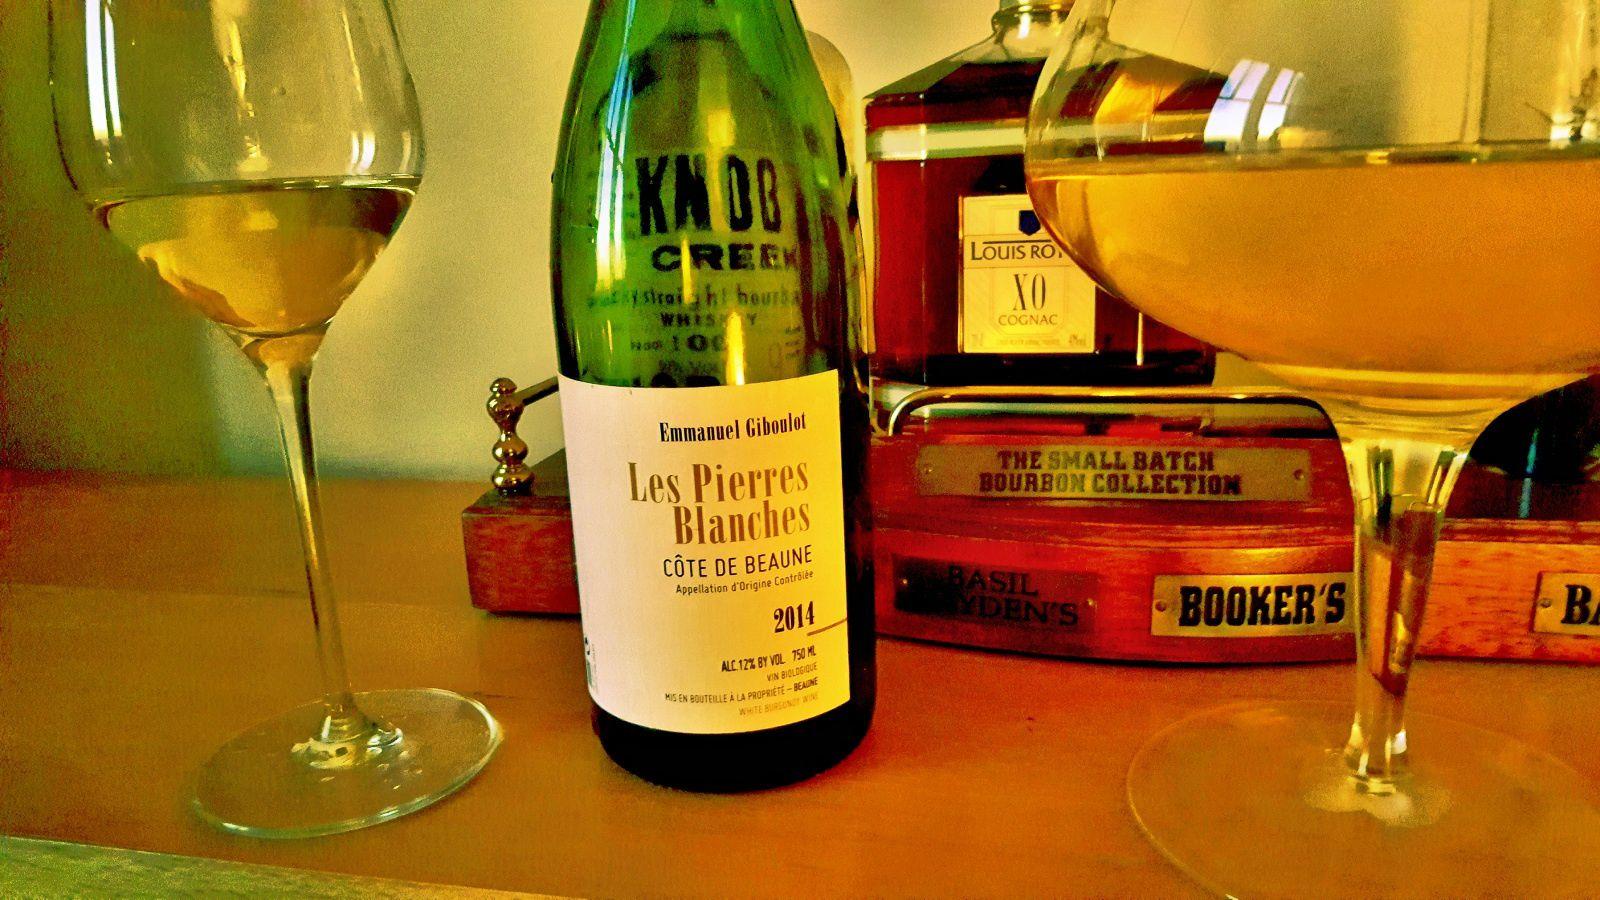 Un très joli vin blanc d'Emmanuel Giboulot